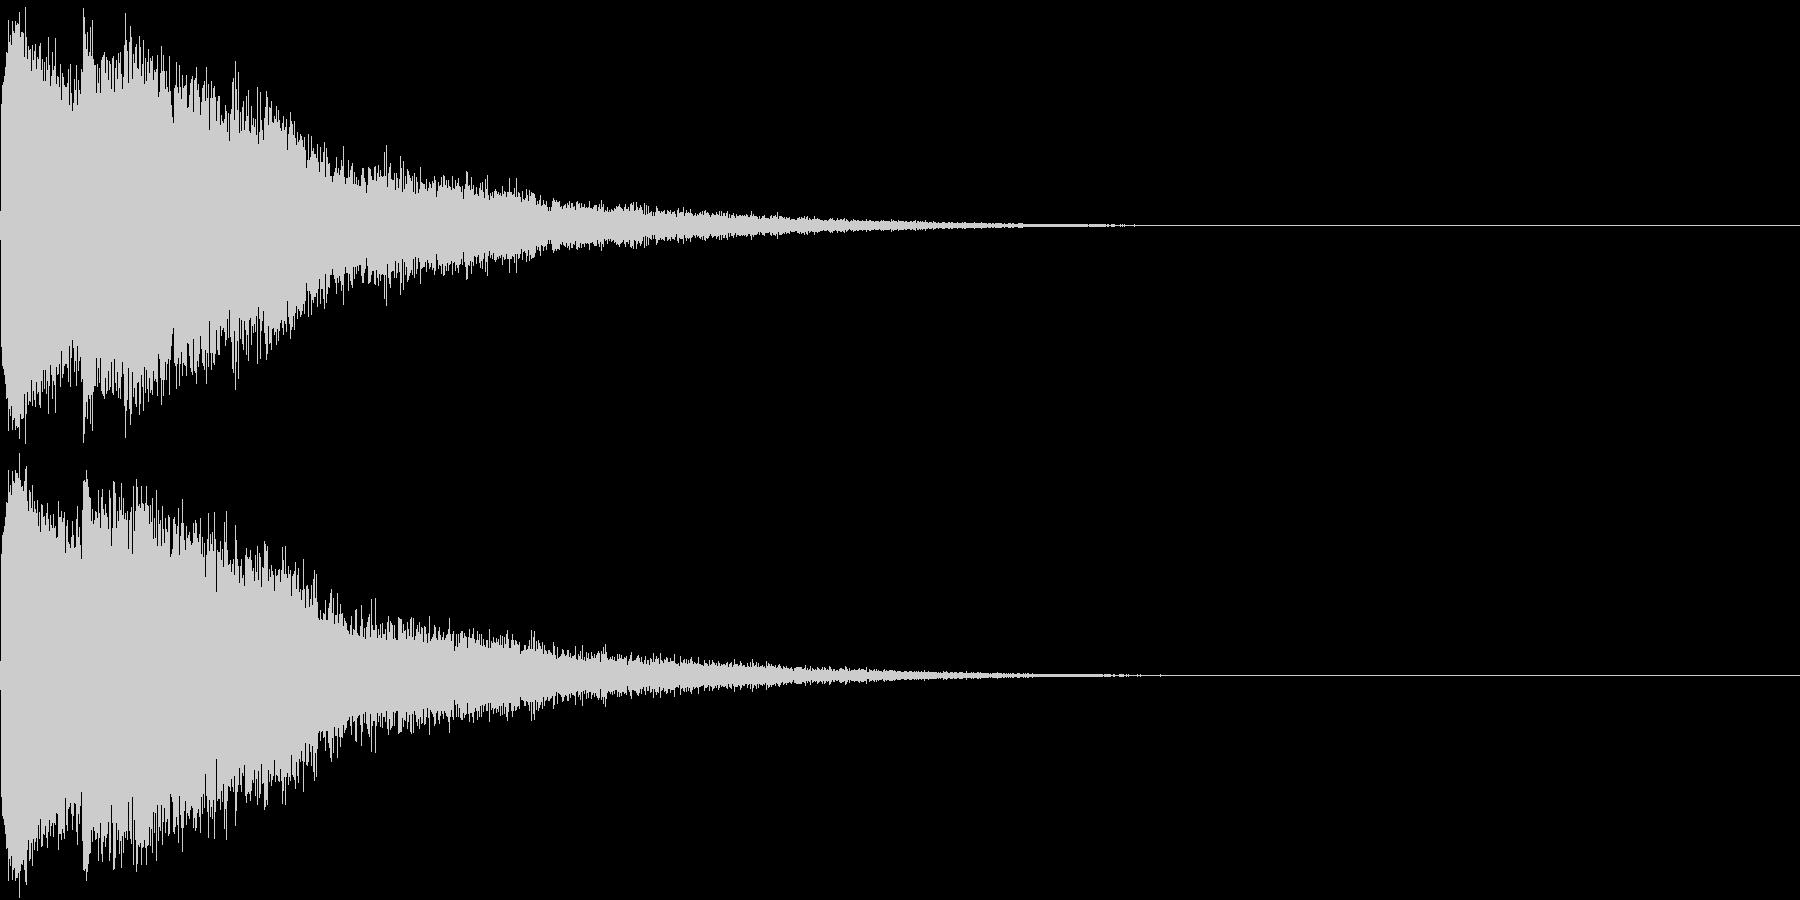 ピコン ピコ チャリン キュイン 5の未再生の波形